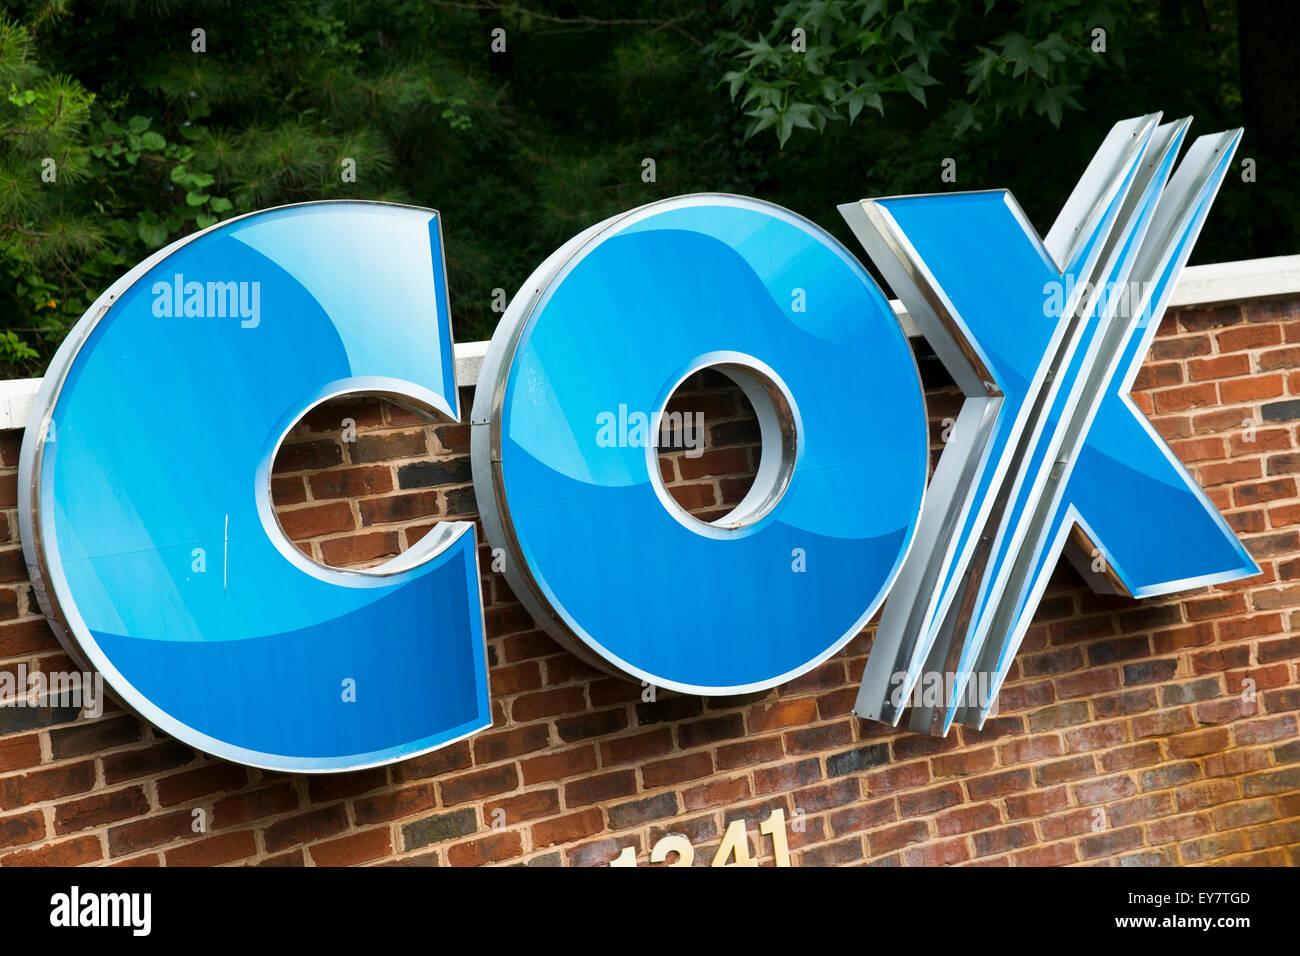 Cox communications inc fx sites